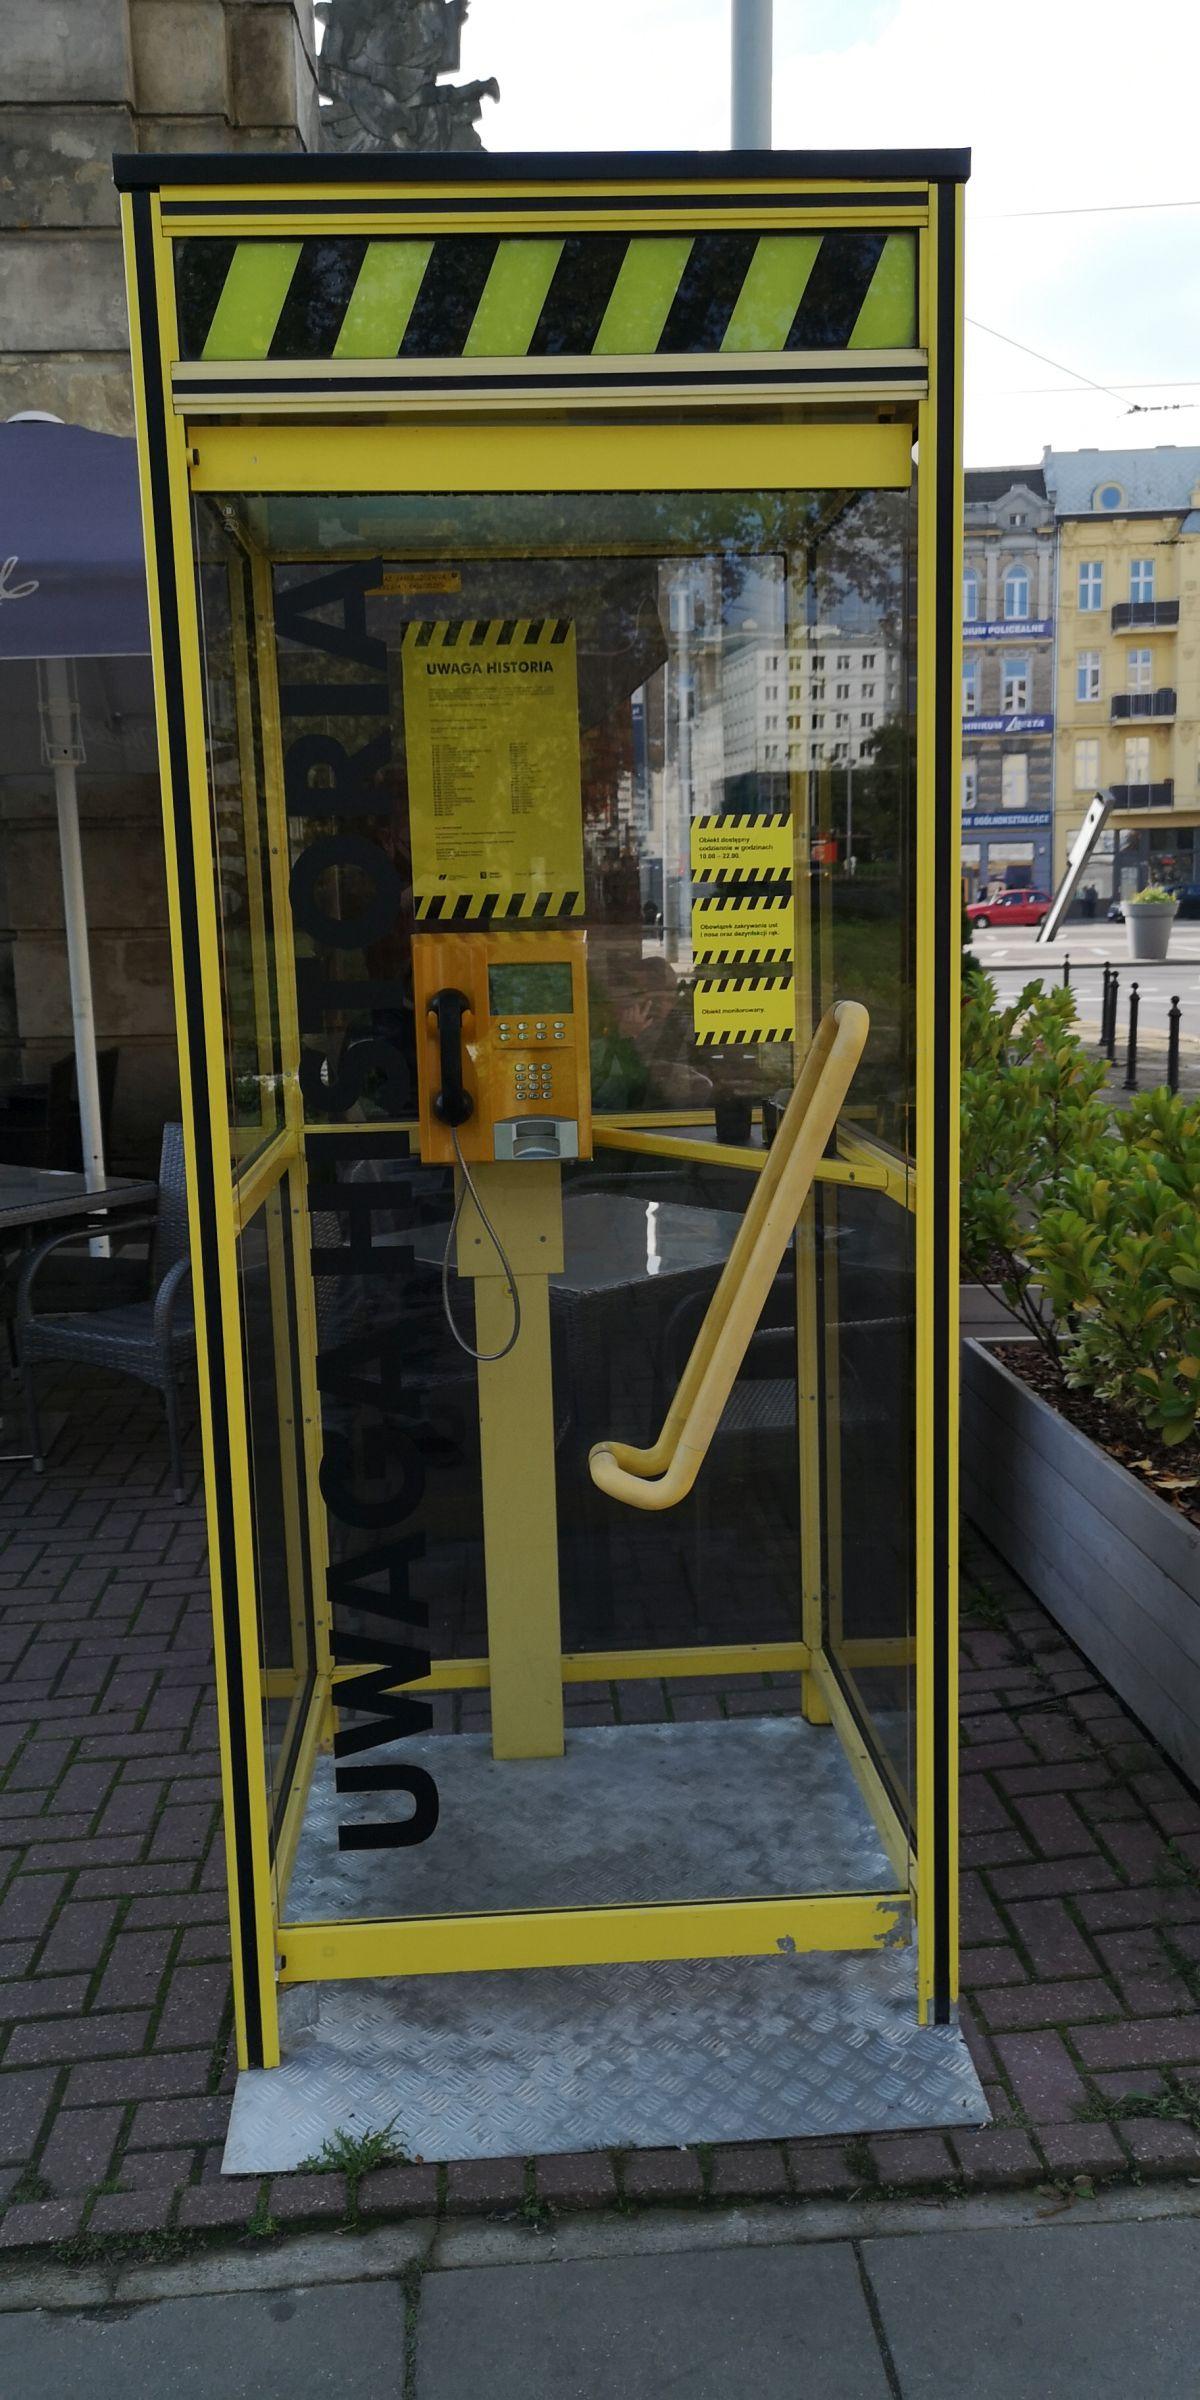 budka telefoniczna Brama Królewska projekt Monika Szpener